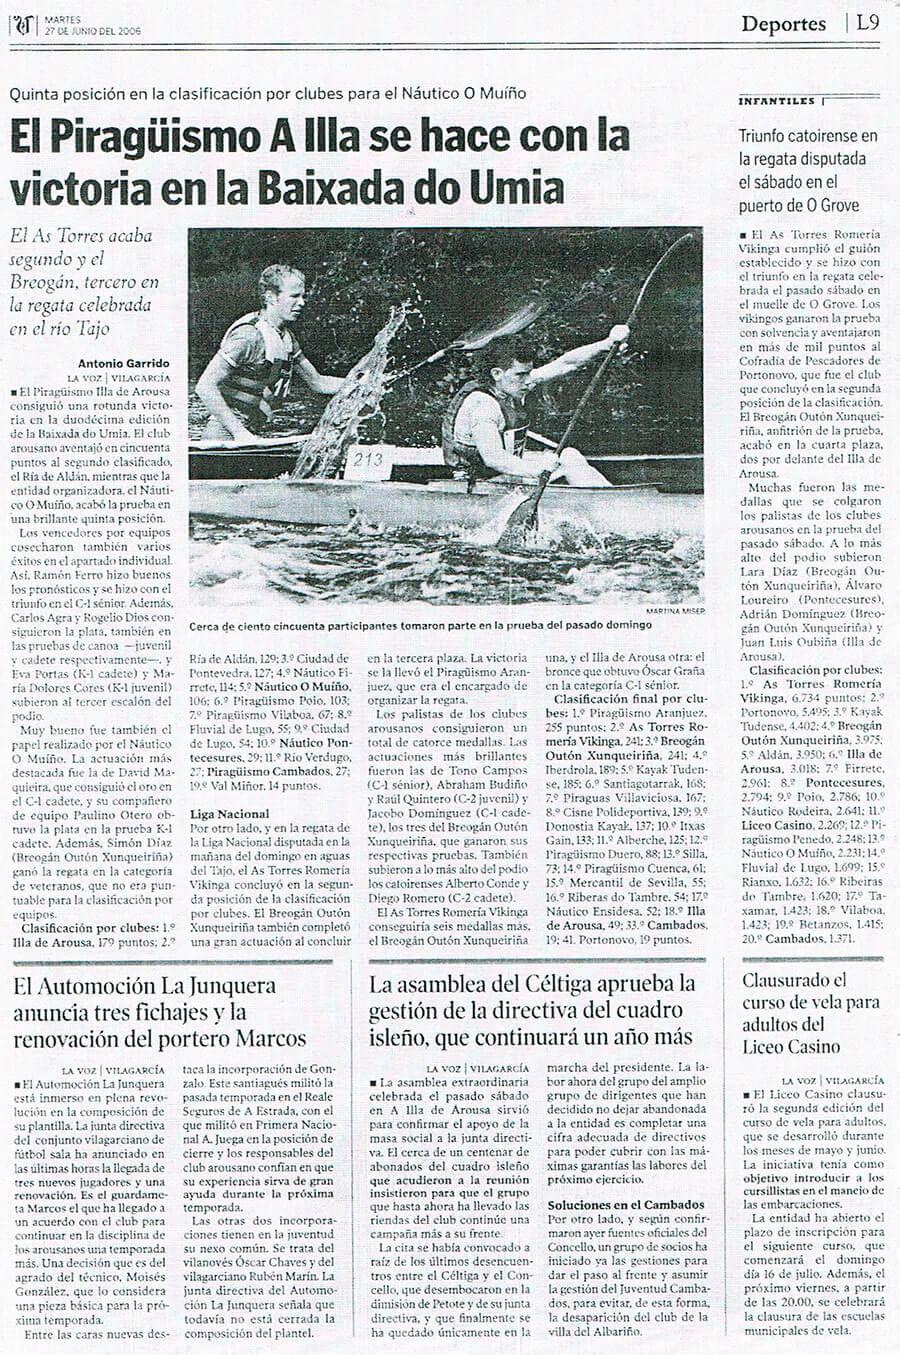 Prensa El Piragüismo A Illa se hace con la victoria en la Baixada do Umia